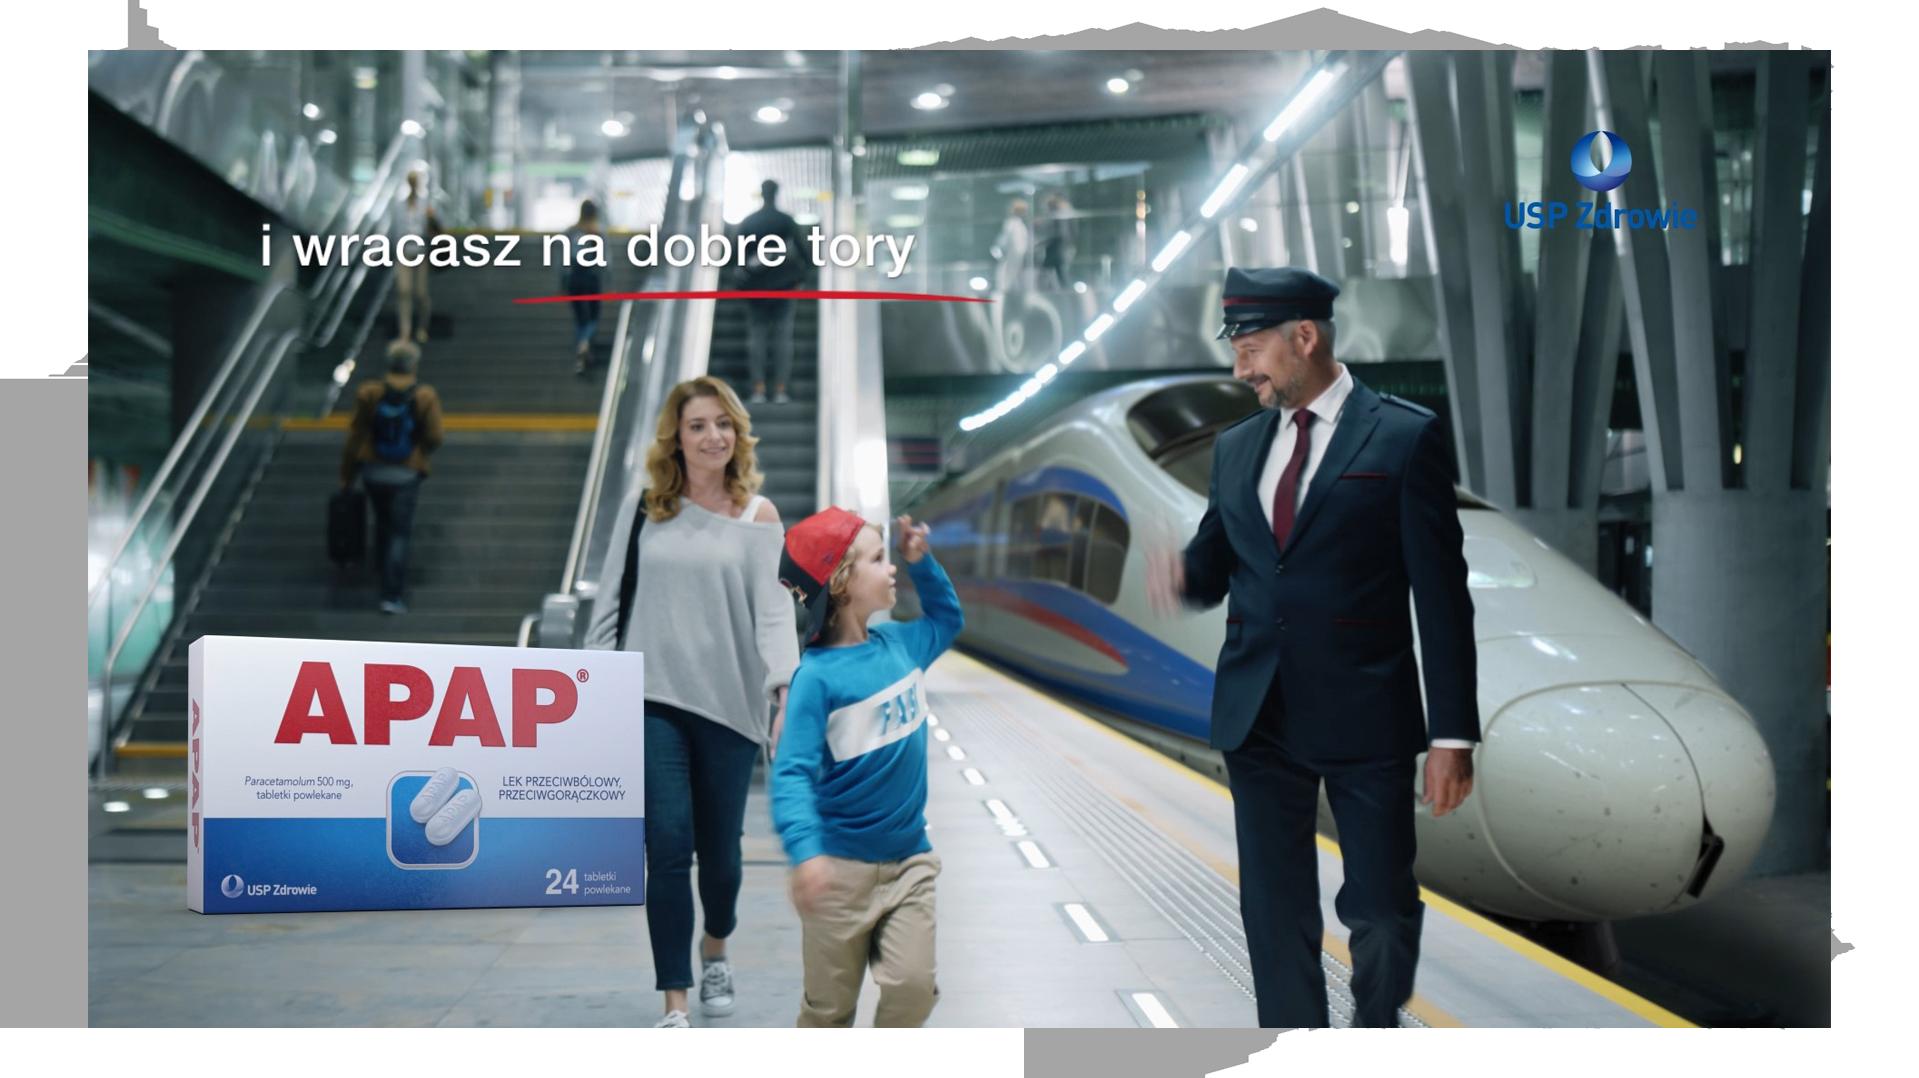 Kadr ze spotu tv dla marki USP zdrowie